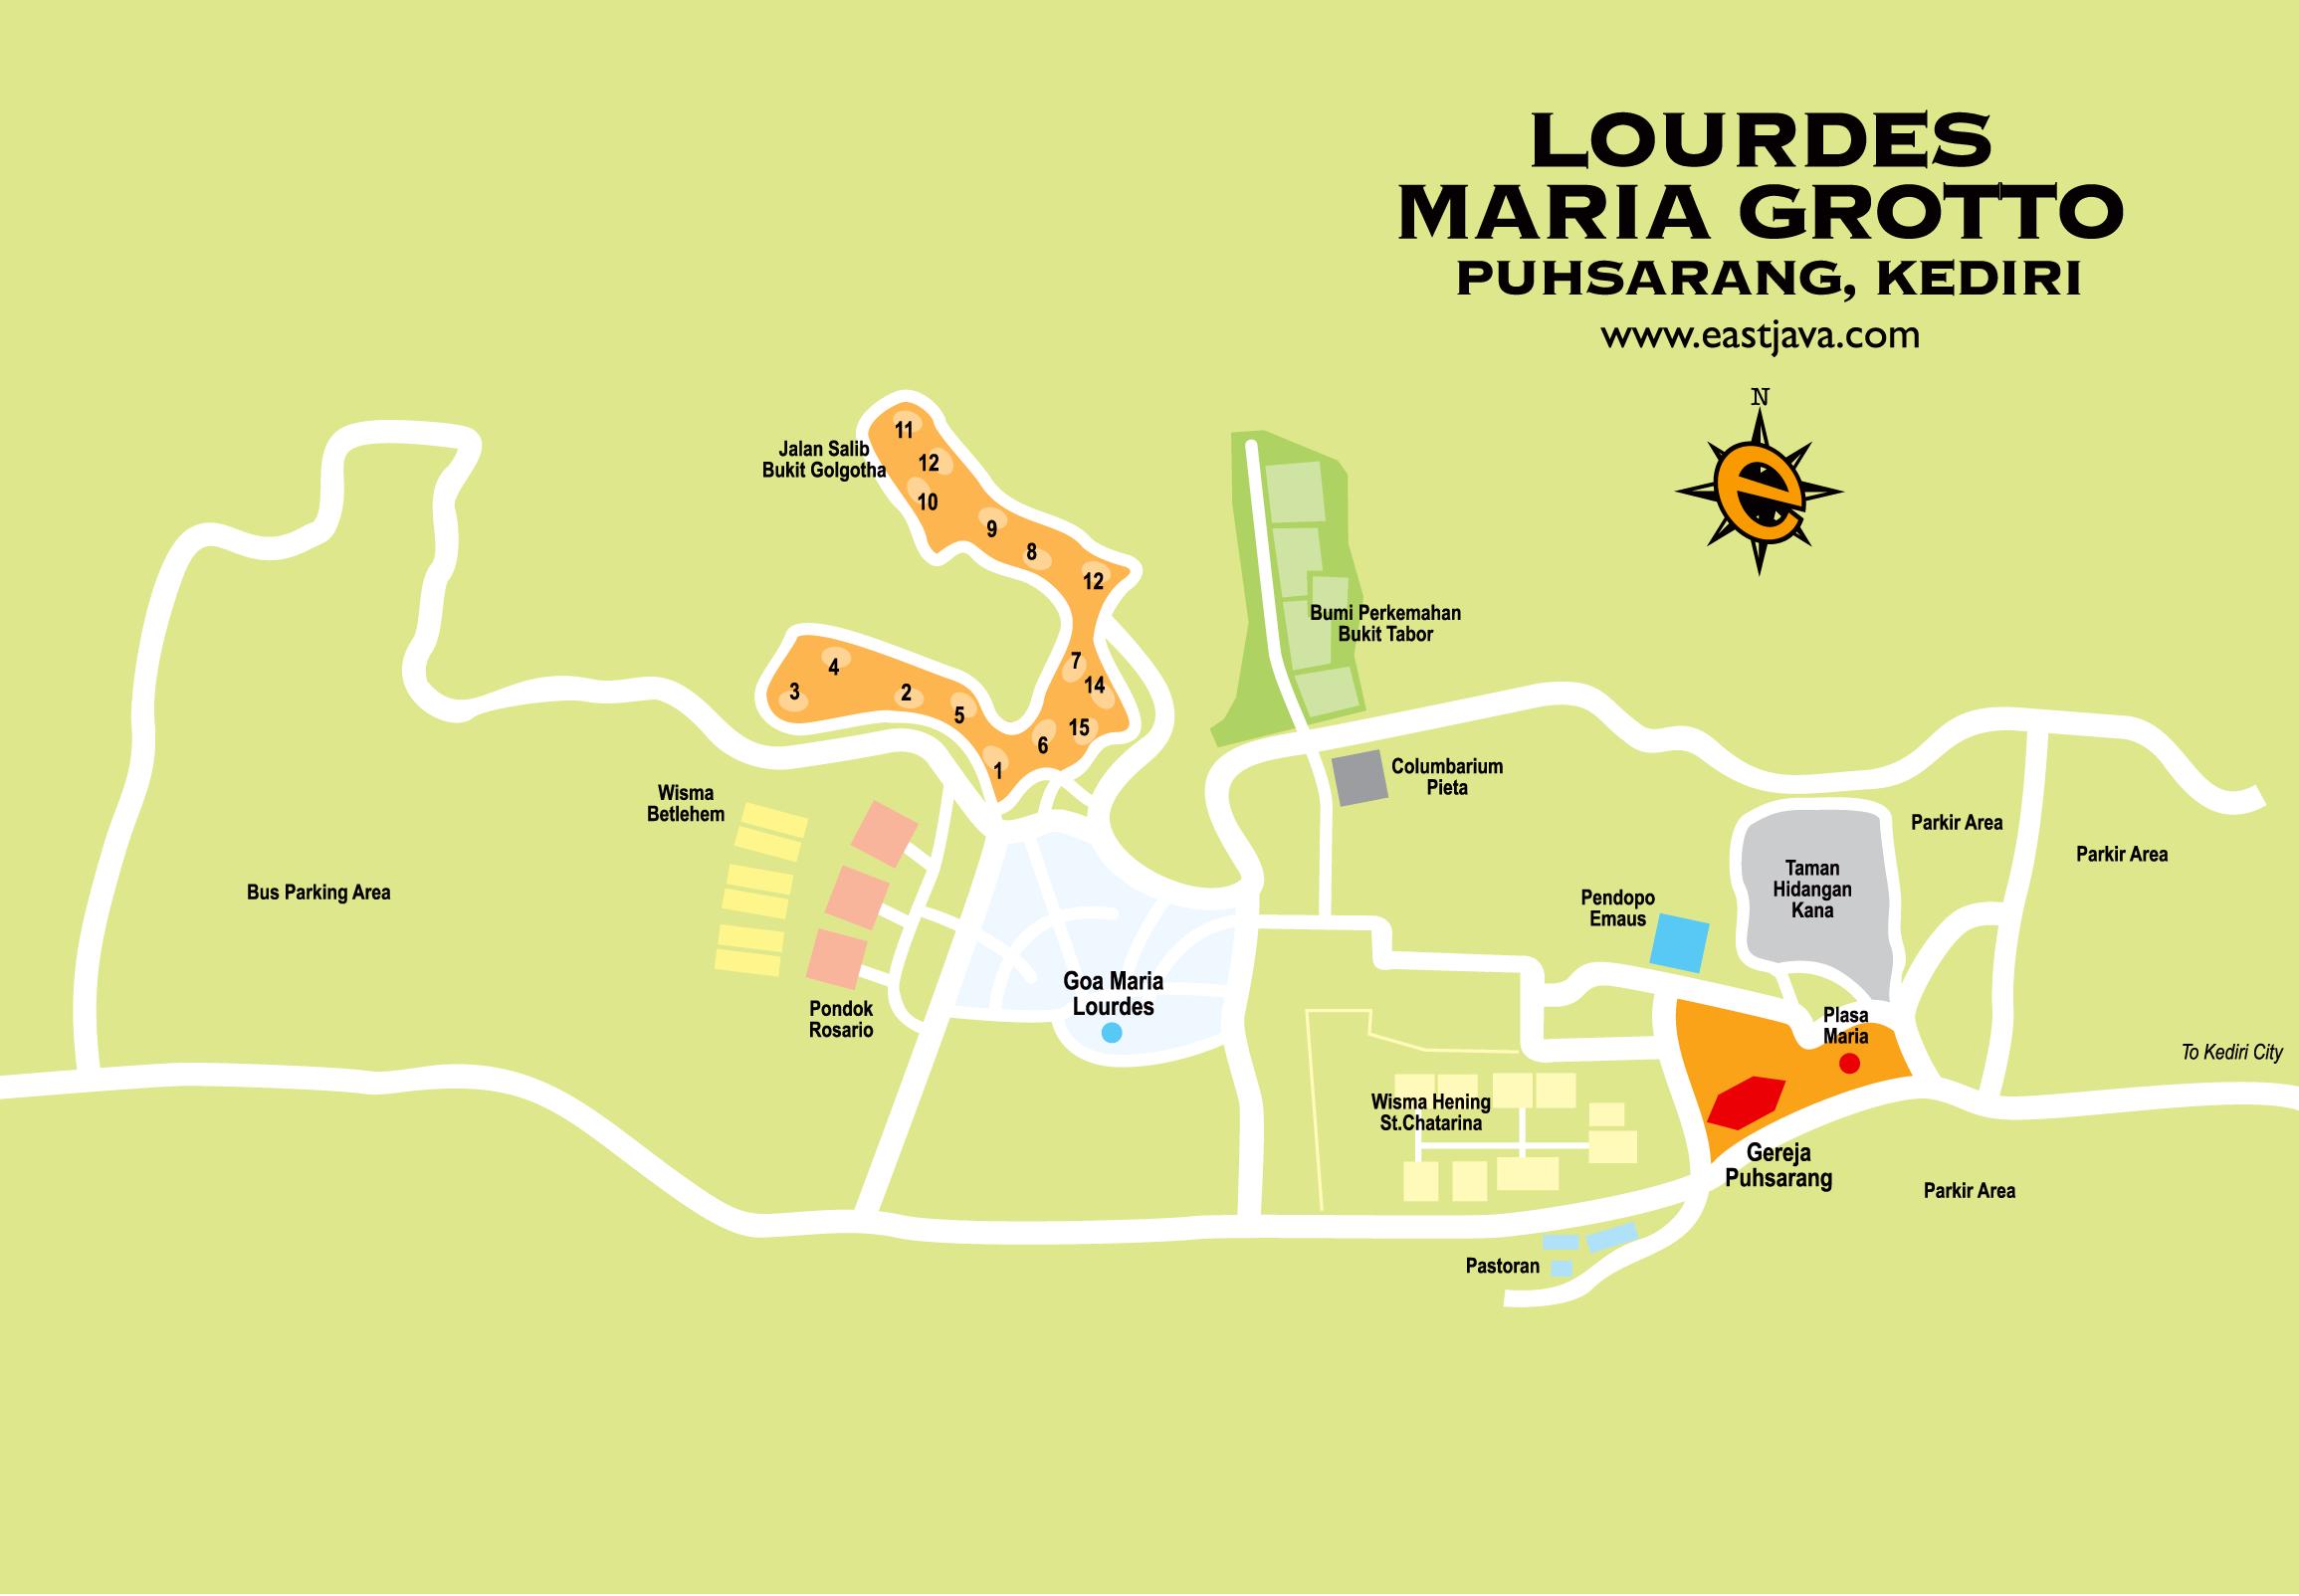 Gereja Pohsarang Gua Maria Lourdes Kediri Jawa Timur Fesbukan Steem